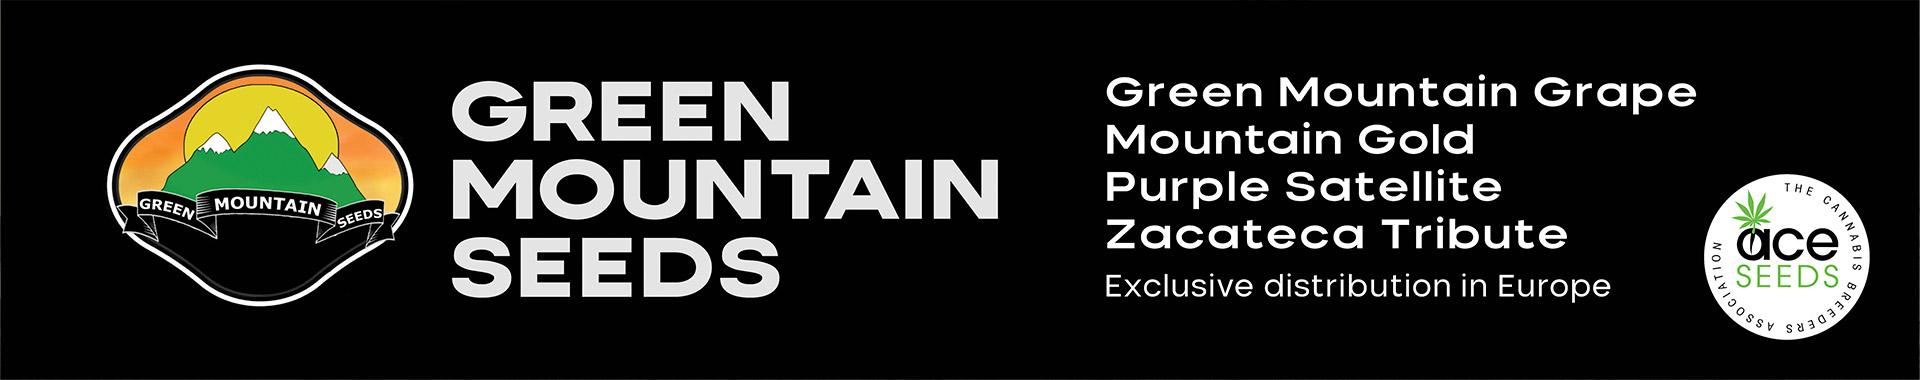 New Haze hybrids